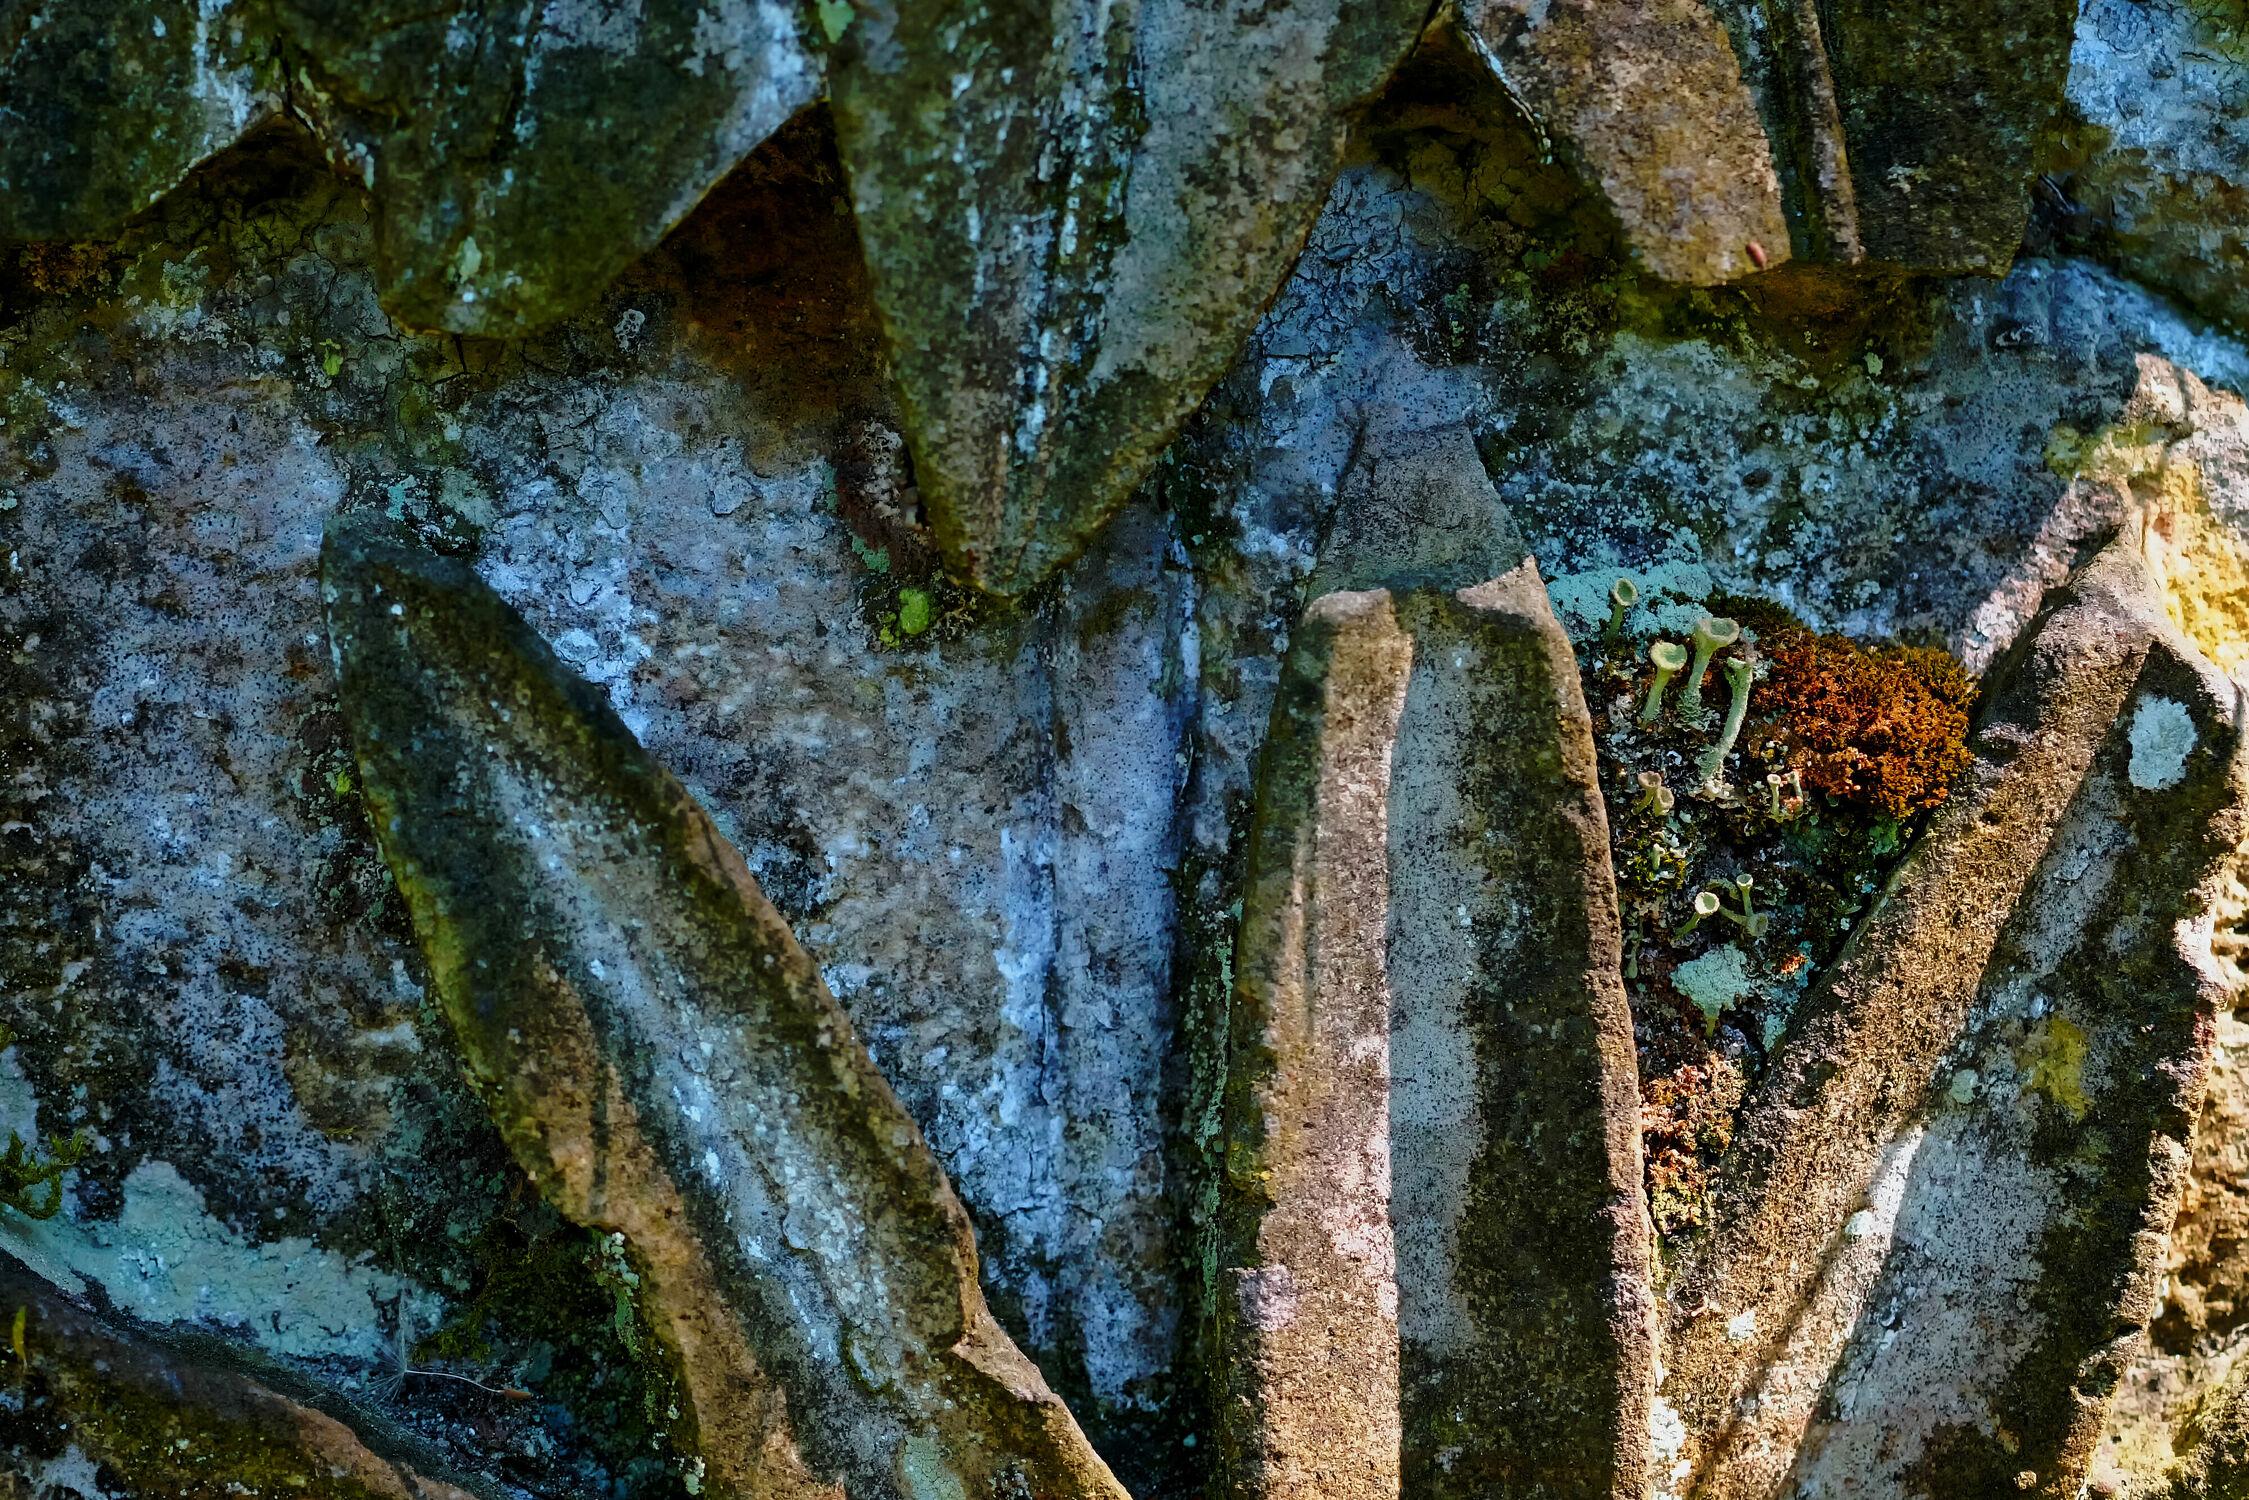 Bild mit Pflanzen, Stein, Pilze, alt, Moose, Antik, Gemäuer, Relief